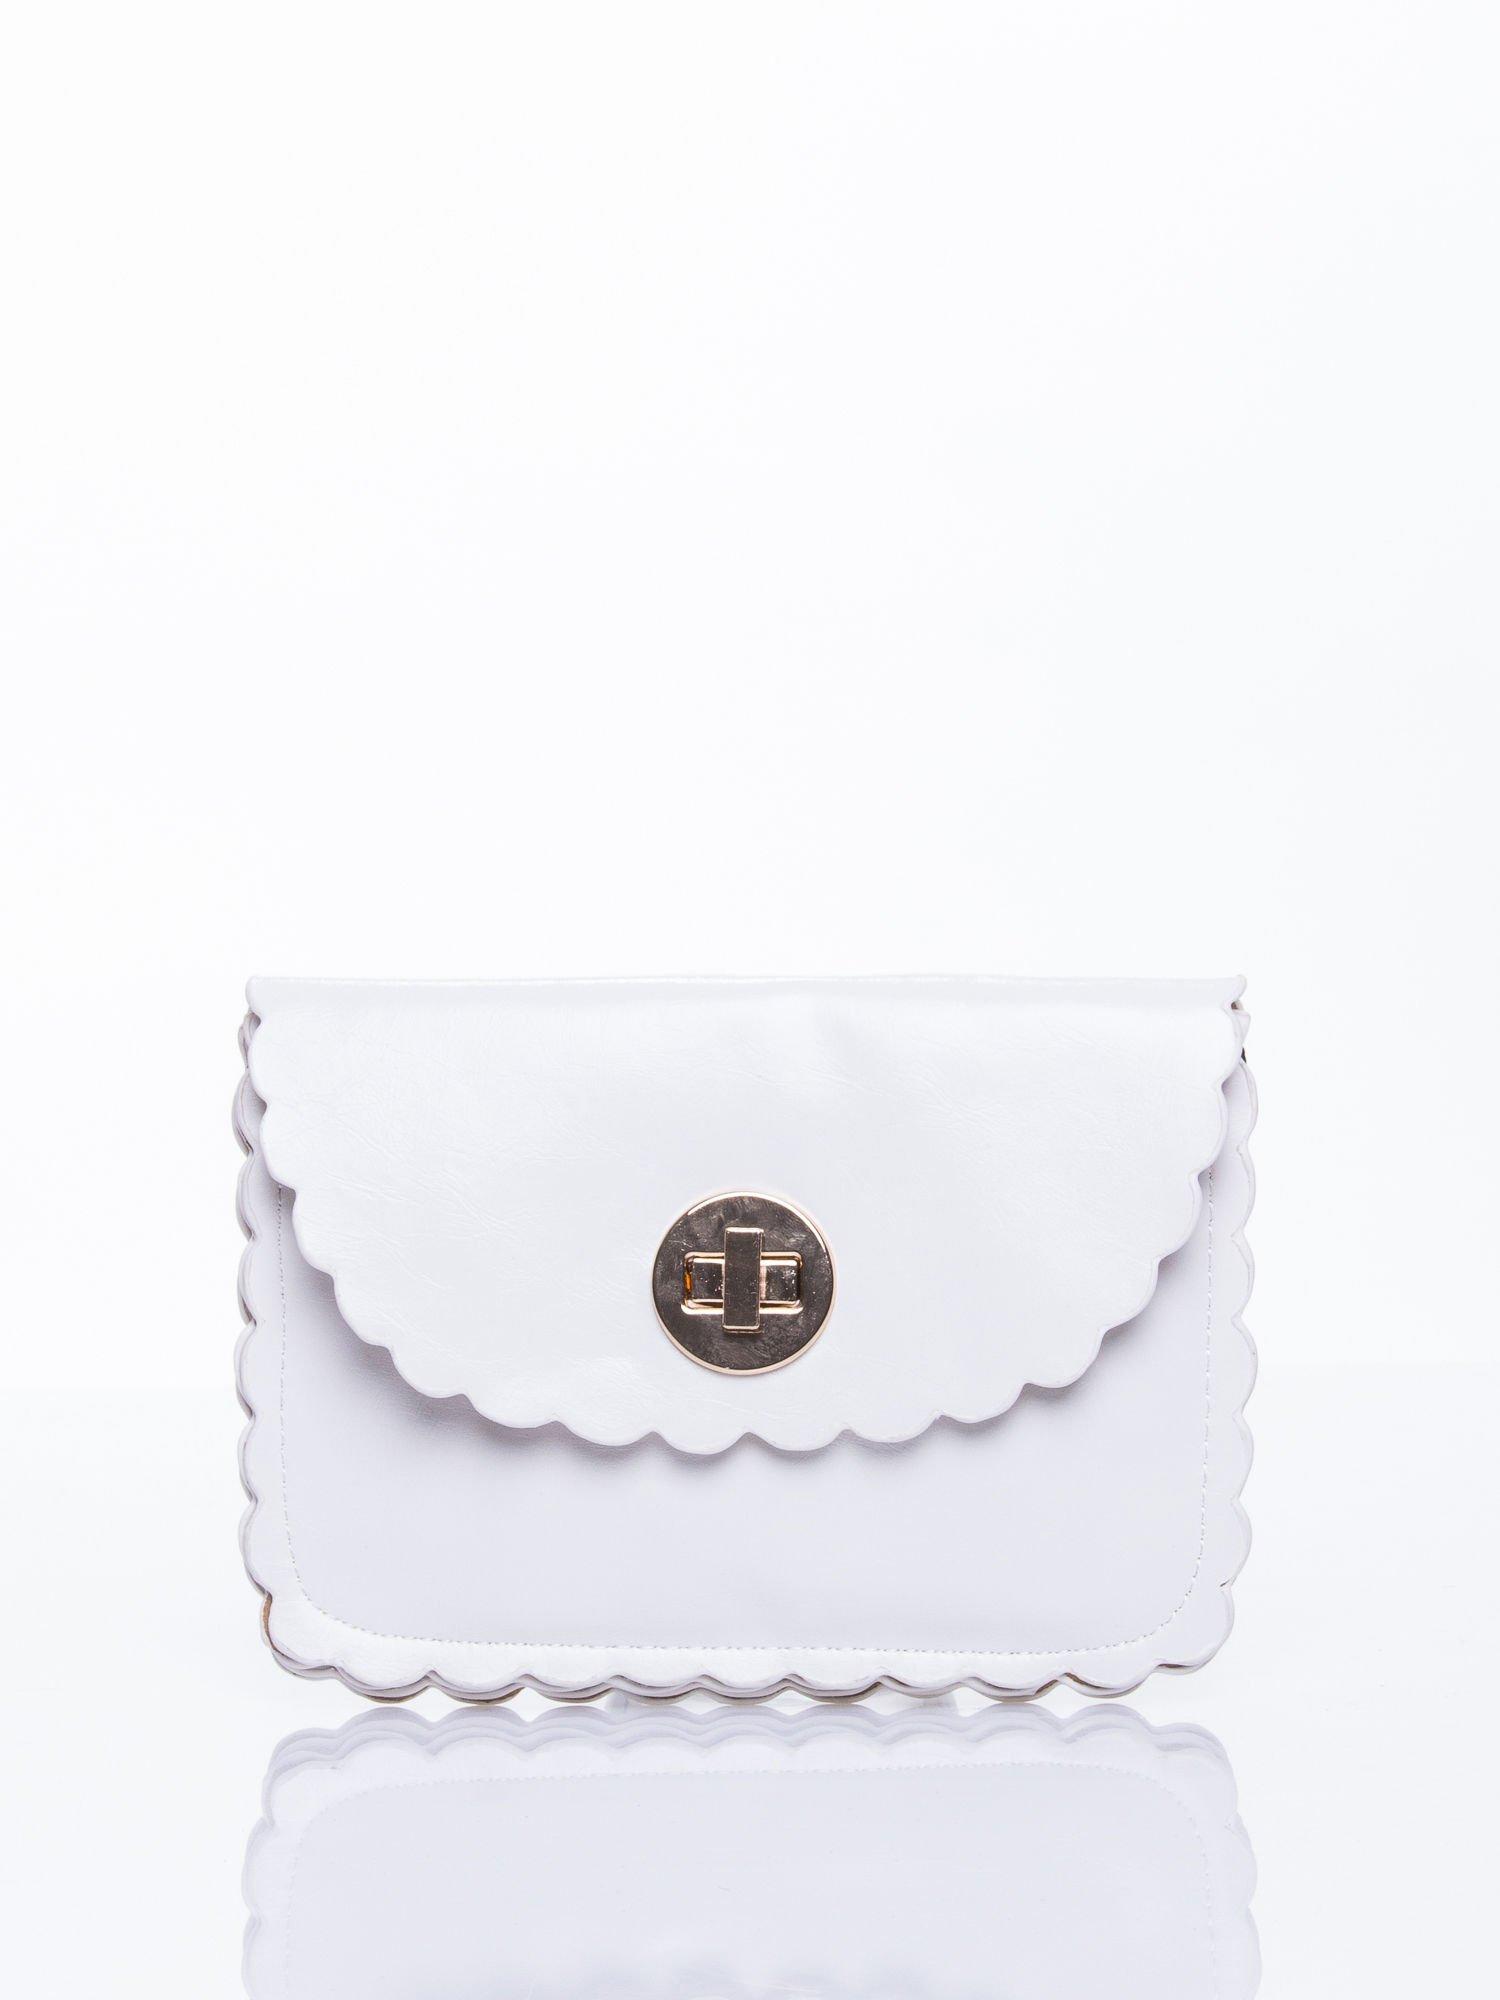 Biała torebka listonoszka z falowanym wykończeniem                                  zdj.                                  1